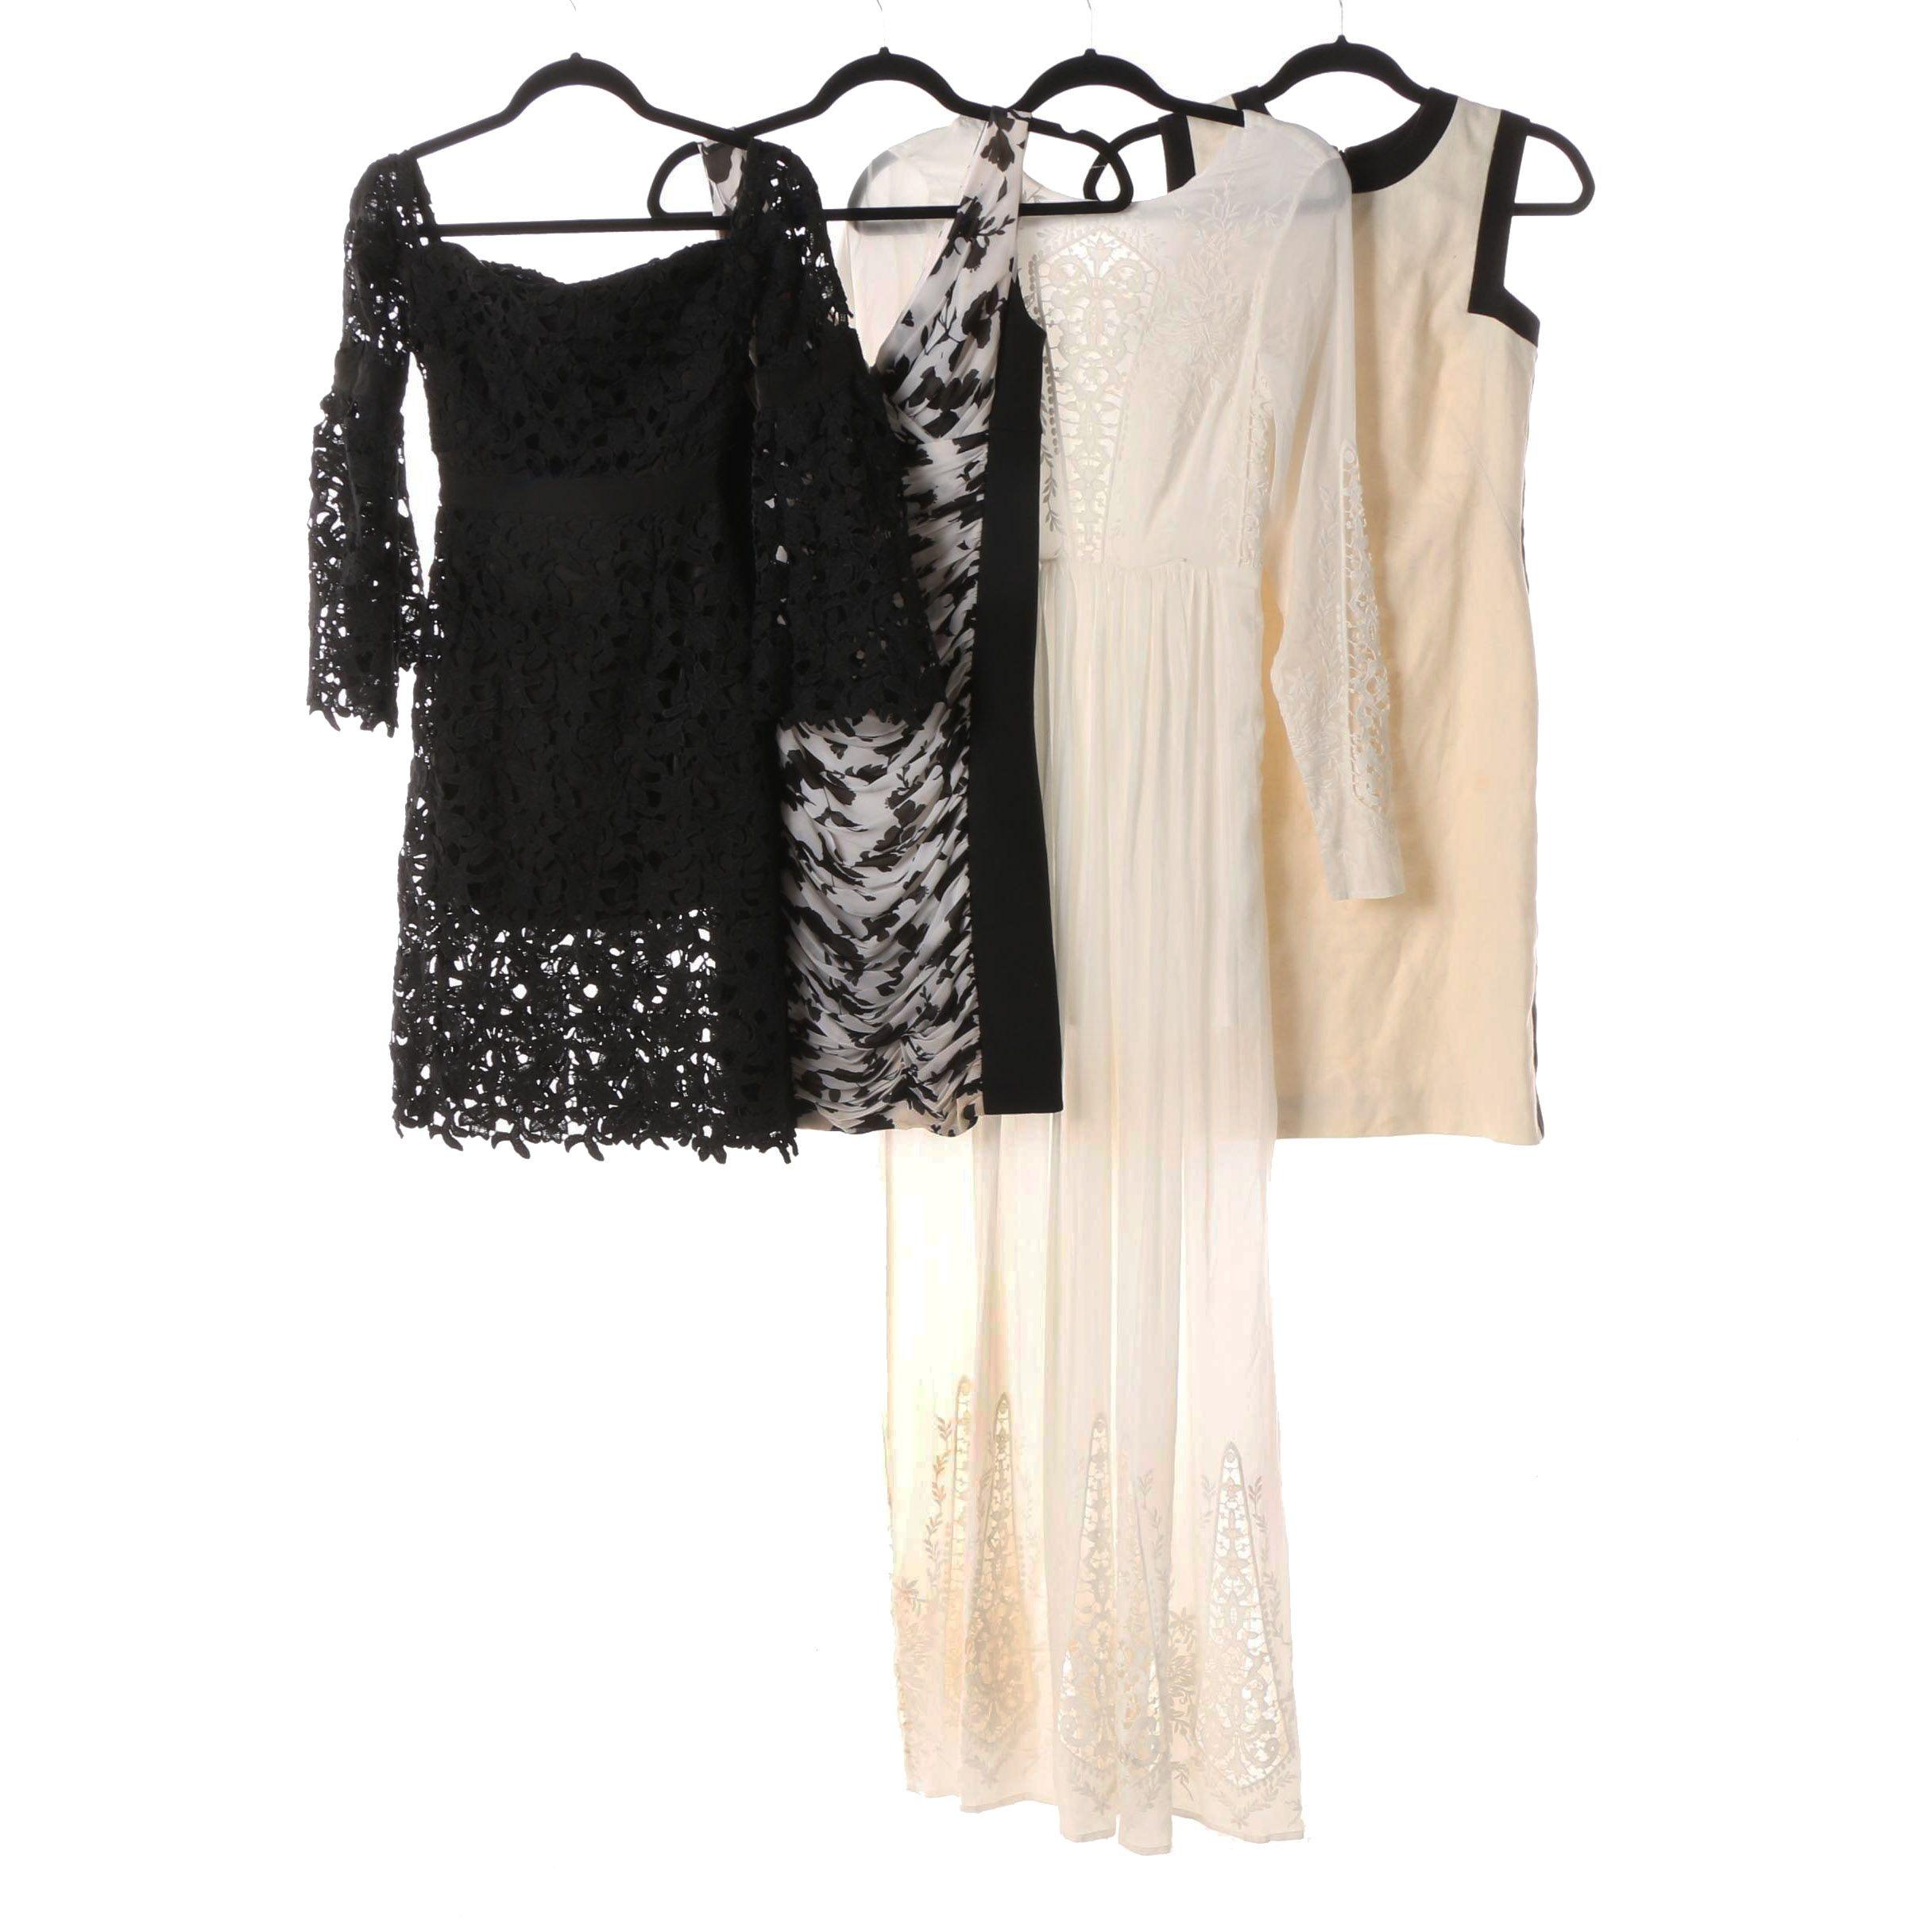 Lauren Ralph Lauren, TJD, White House Black Market and 1st Sight Dresses